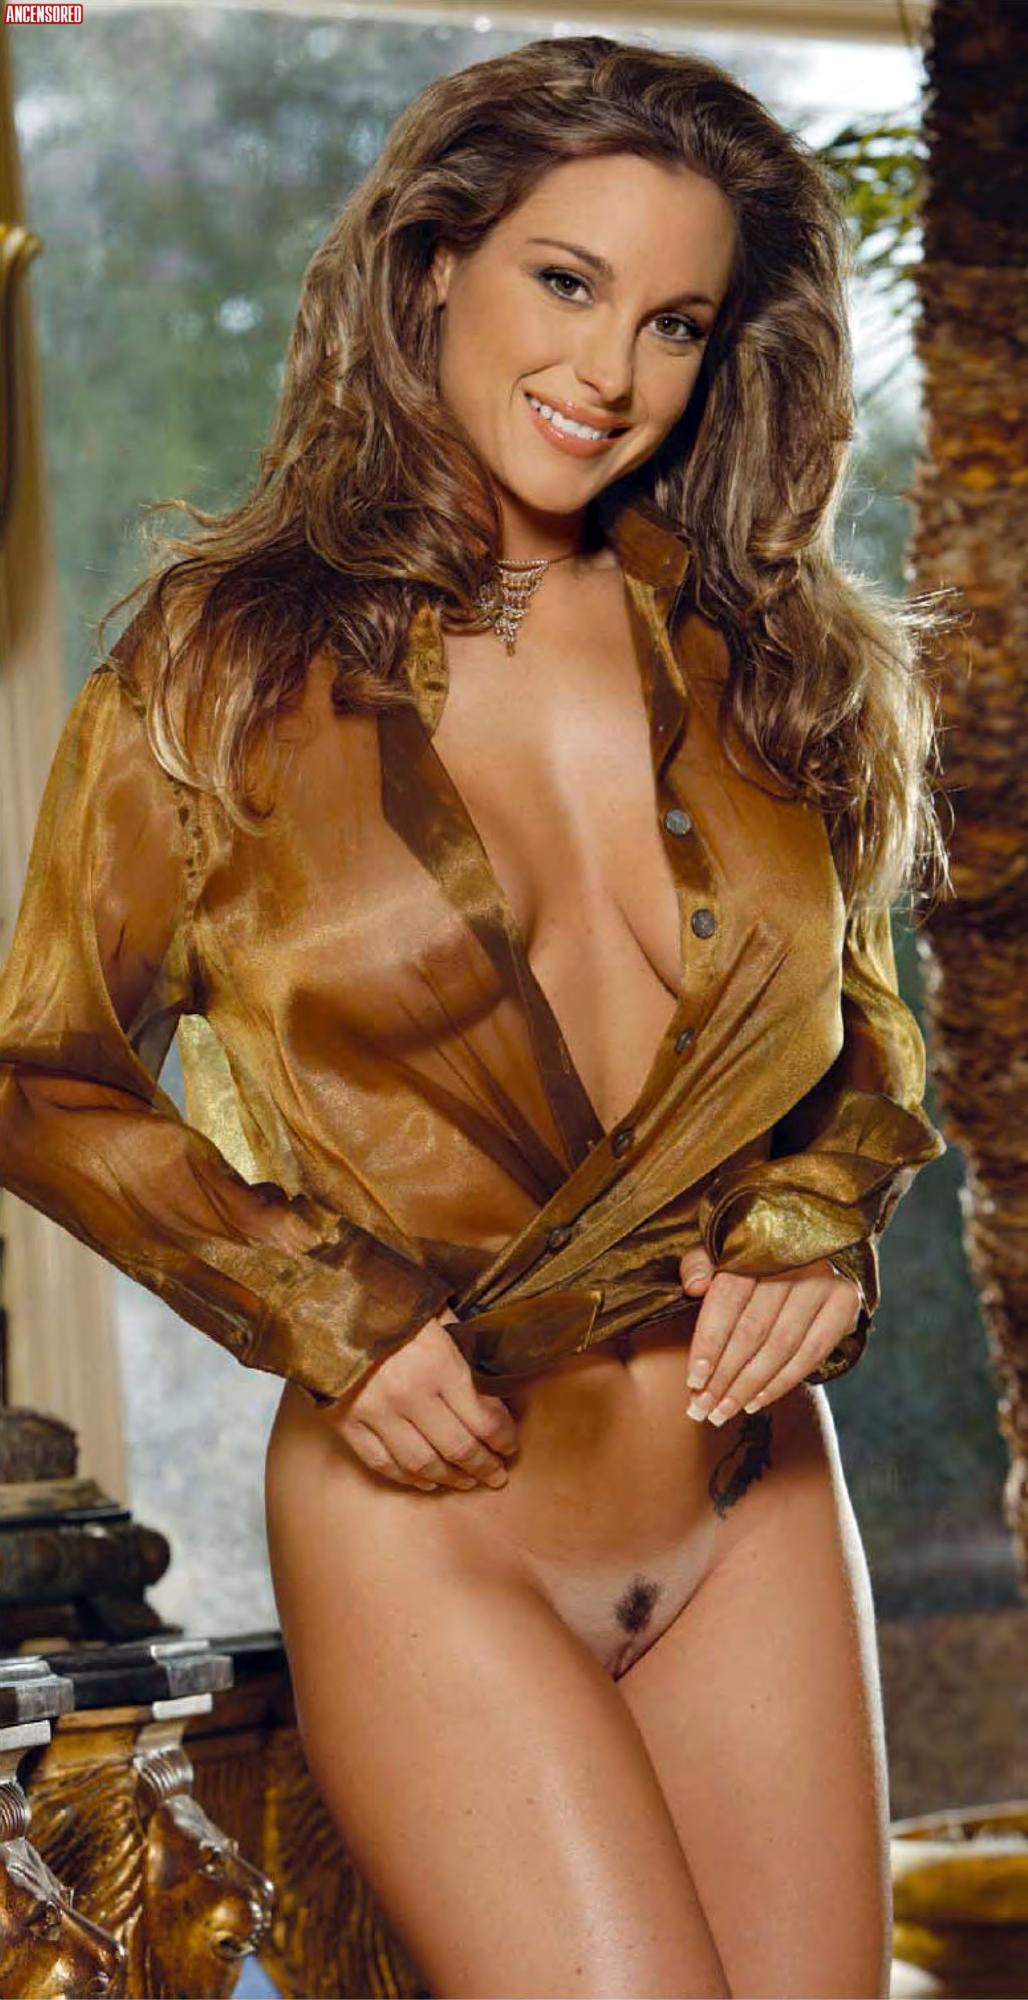 Michelle Manhart Topless photo 16